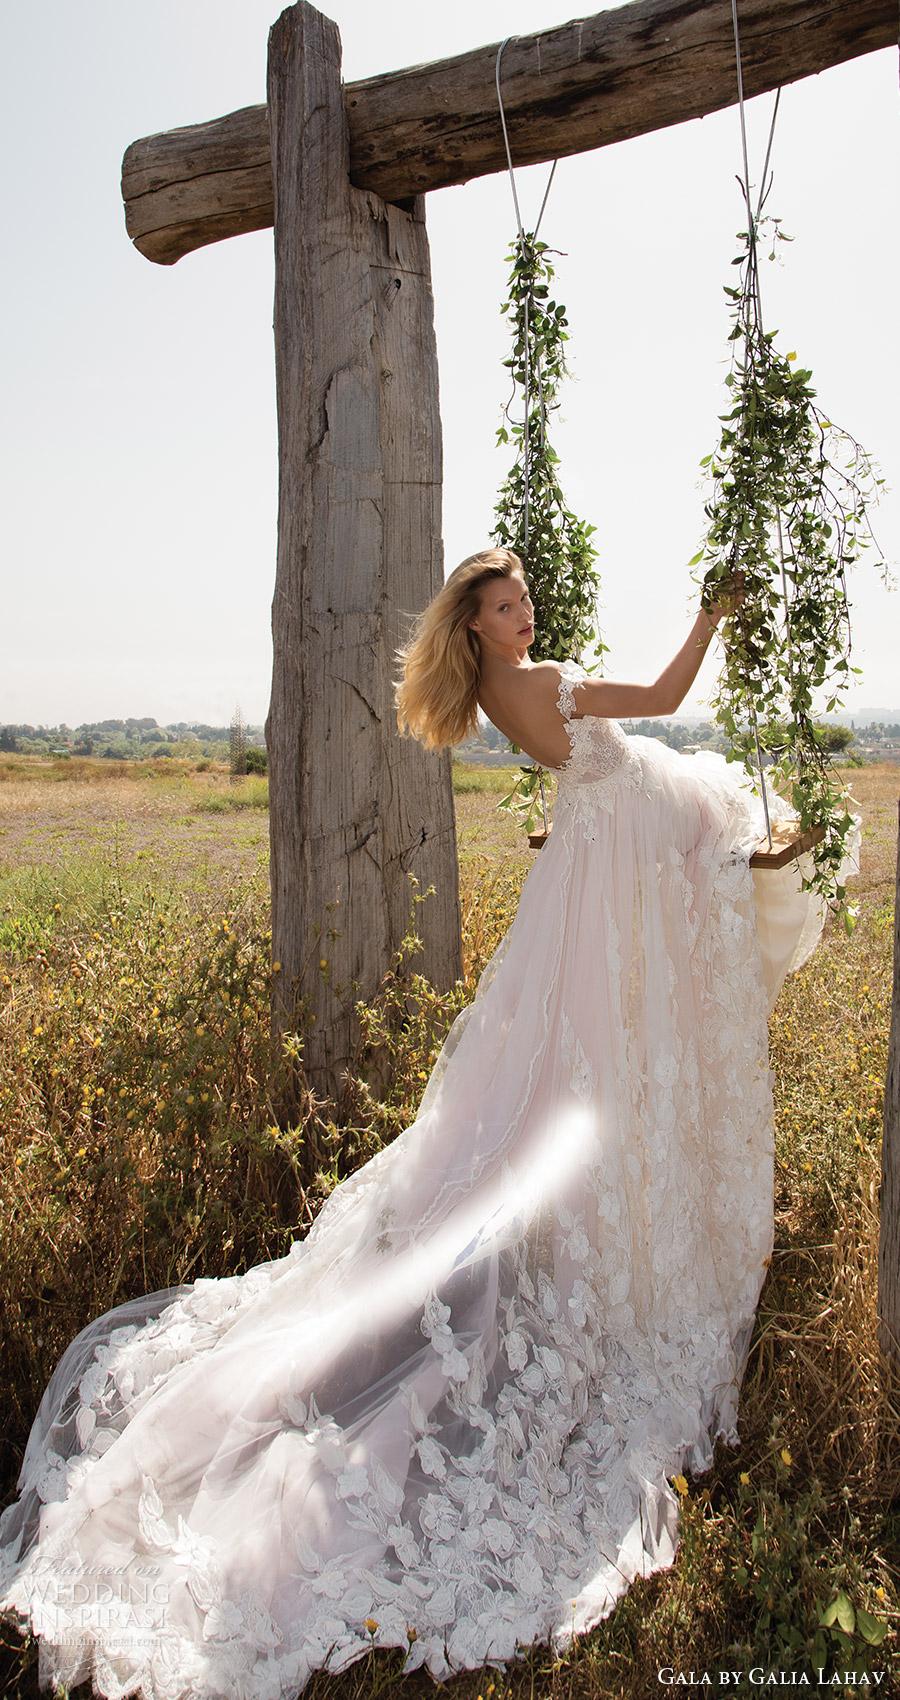 Gala de primavera galia Lahav 2017 del vestido de boda de Aline vneck profunda del hombro (710) bv tren de larga romántica